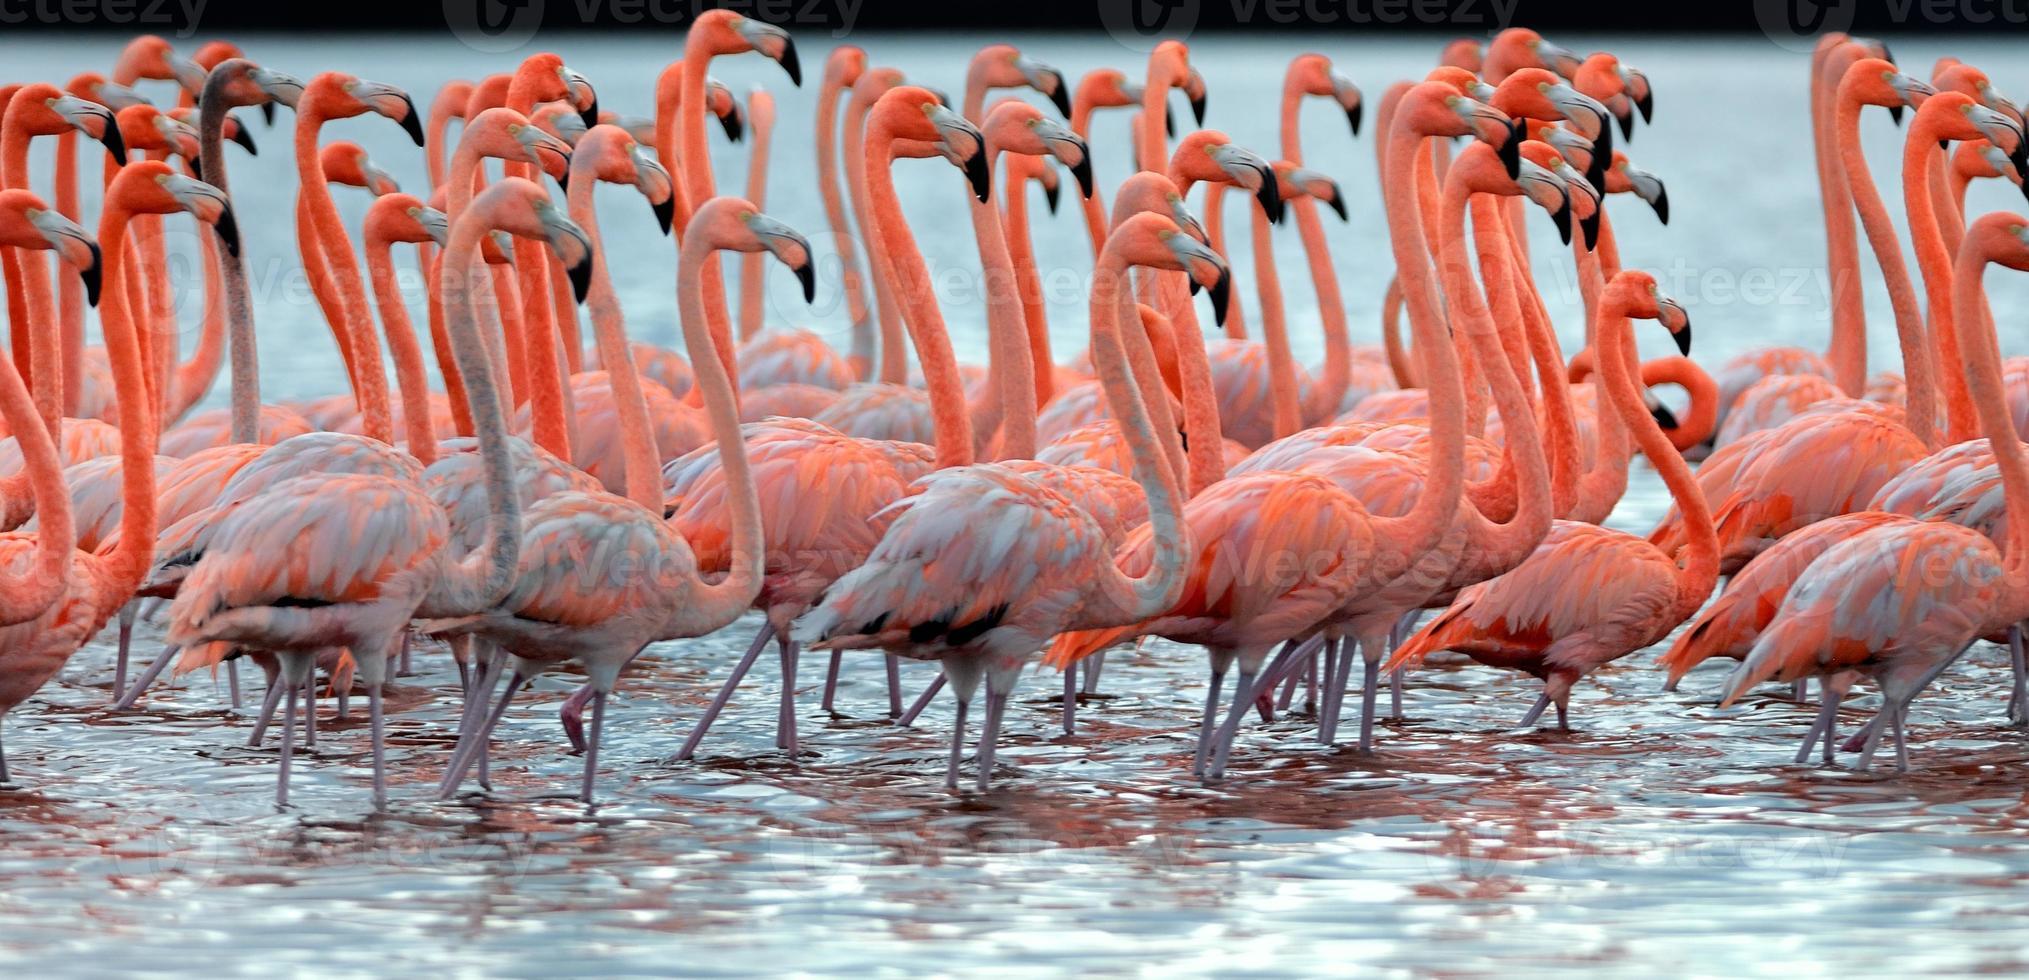 Herde größerer Flamingos foto